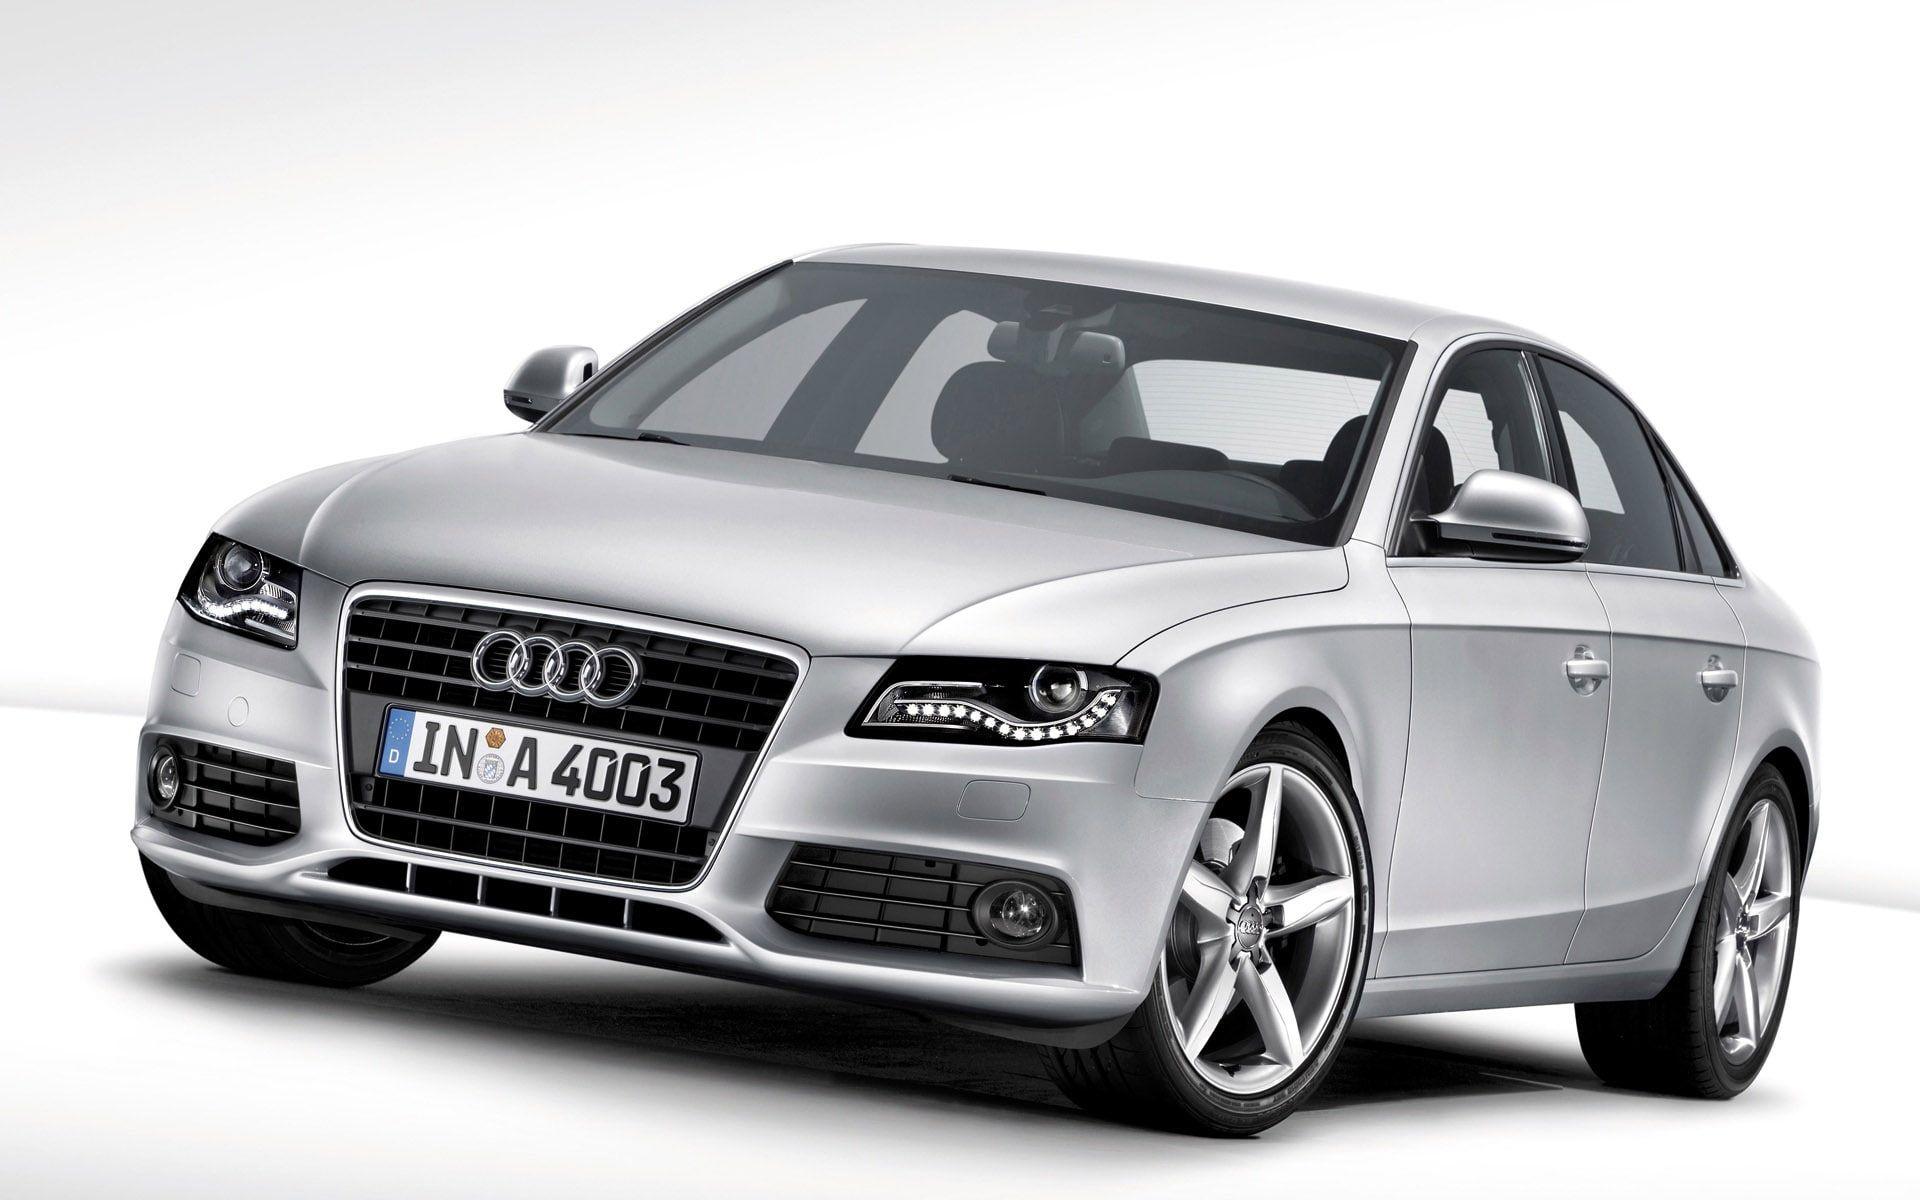 Audi A4 Car White Background Audi A4 Car White Background 1080p Wallpaper Hdwallpaper Desktop Audi Cars Audi A4 Audi